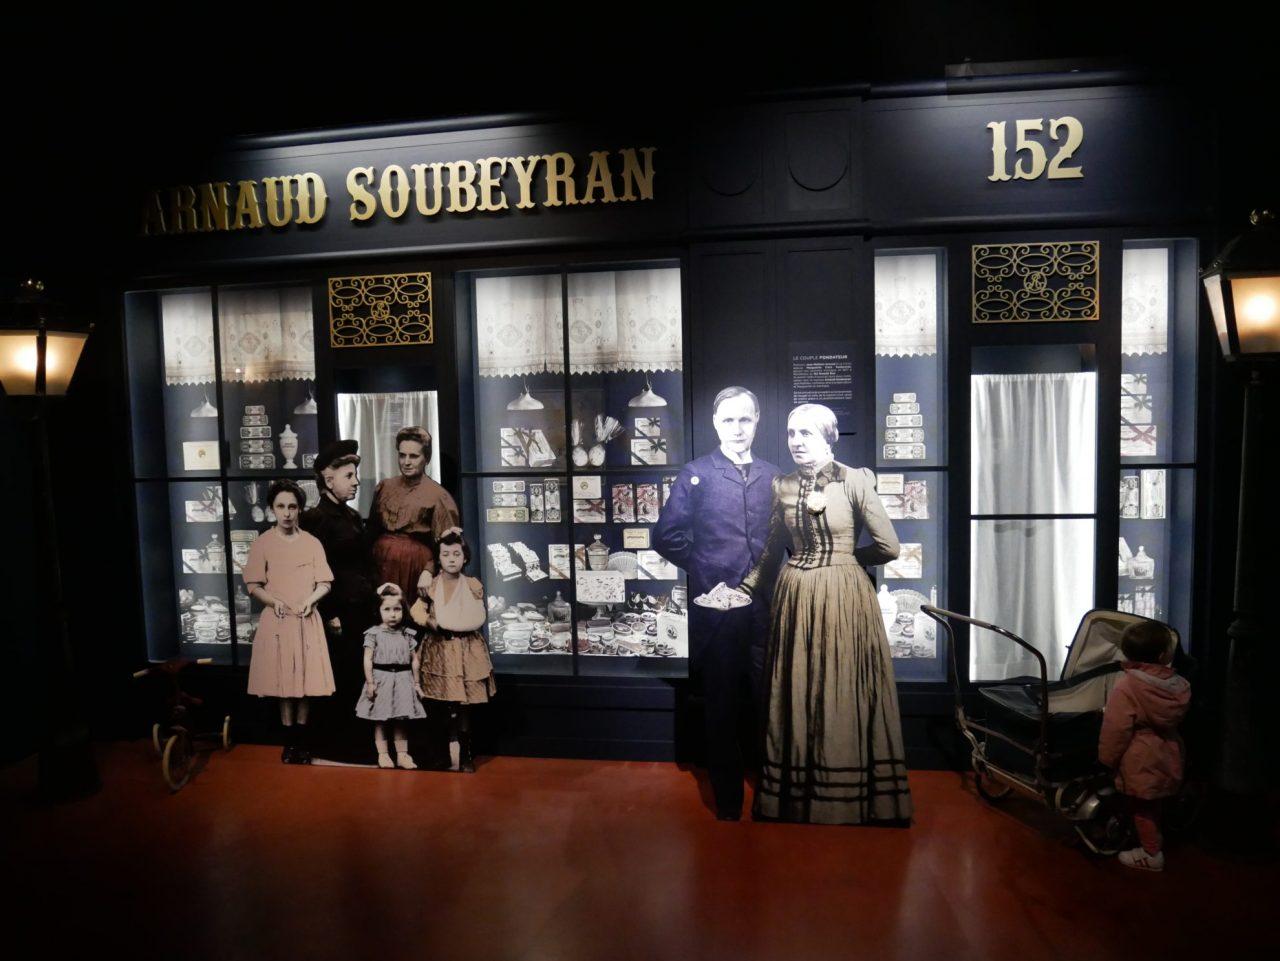 salle du musée les origines du nougat, présentation de la famille